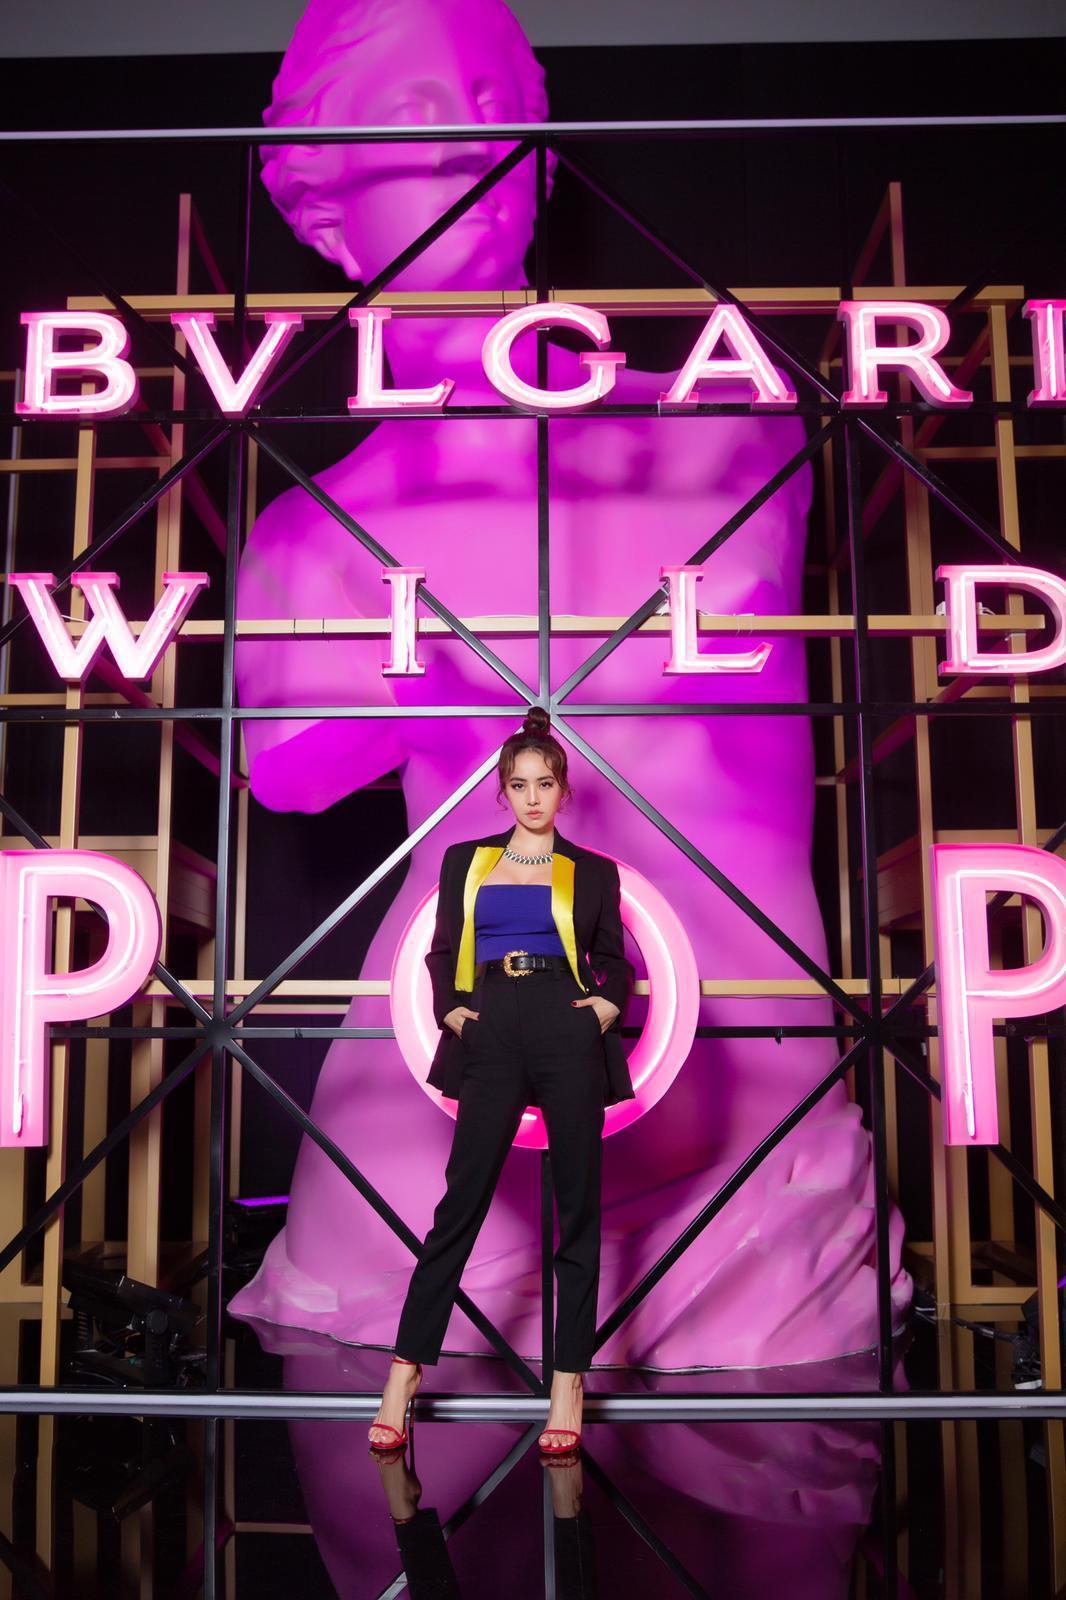 蔡依林日前受邀北京出席頂級珠寶活動時,選穿Versace秋冬亮黃翻領西裝外套搭配...